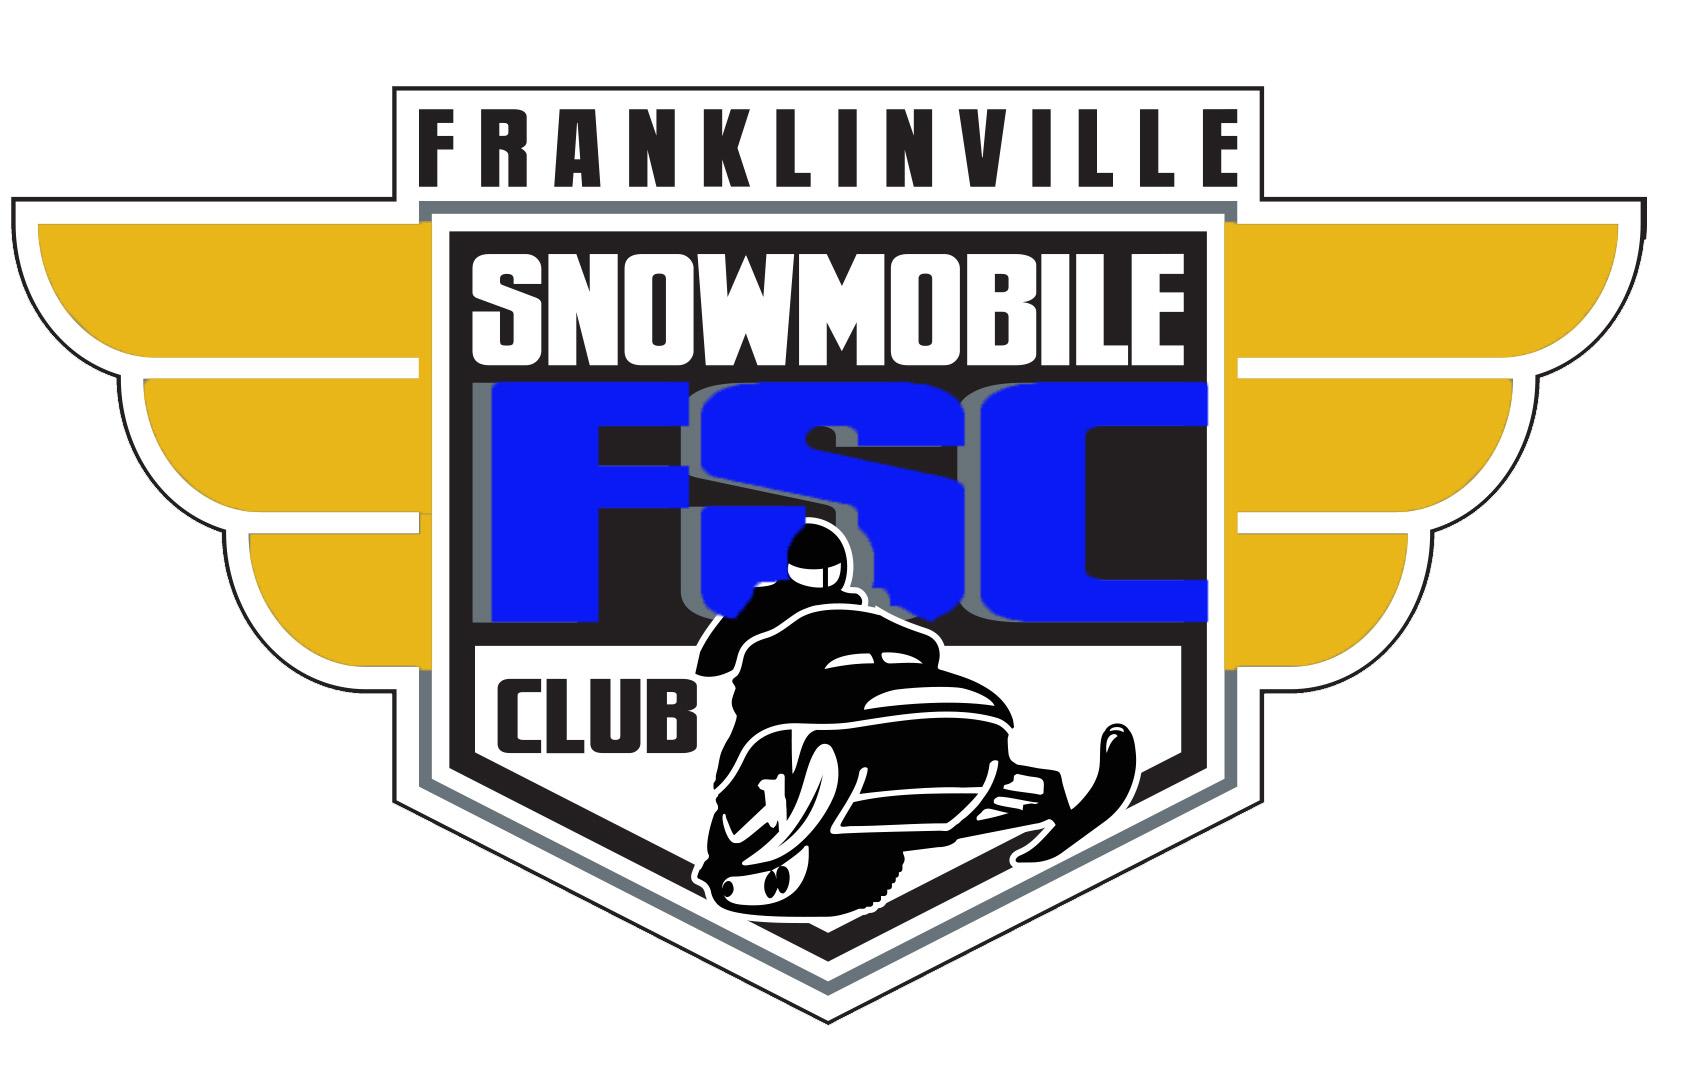 Franklinville Snowmobile Club